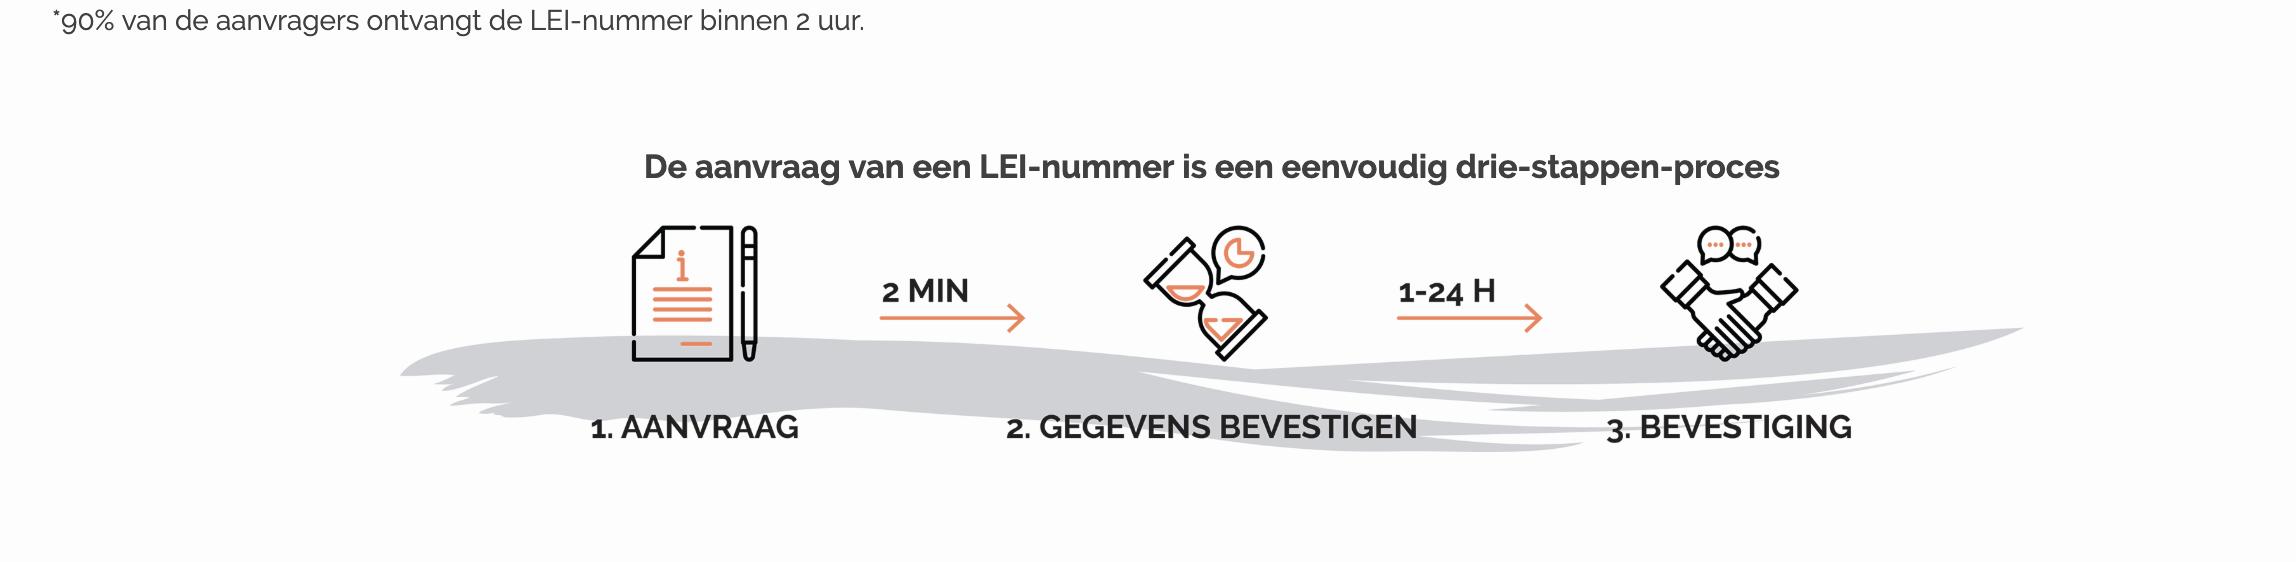 90% van de aanvragers ontvangt de LEI-nummer binnen 2 uur.